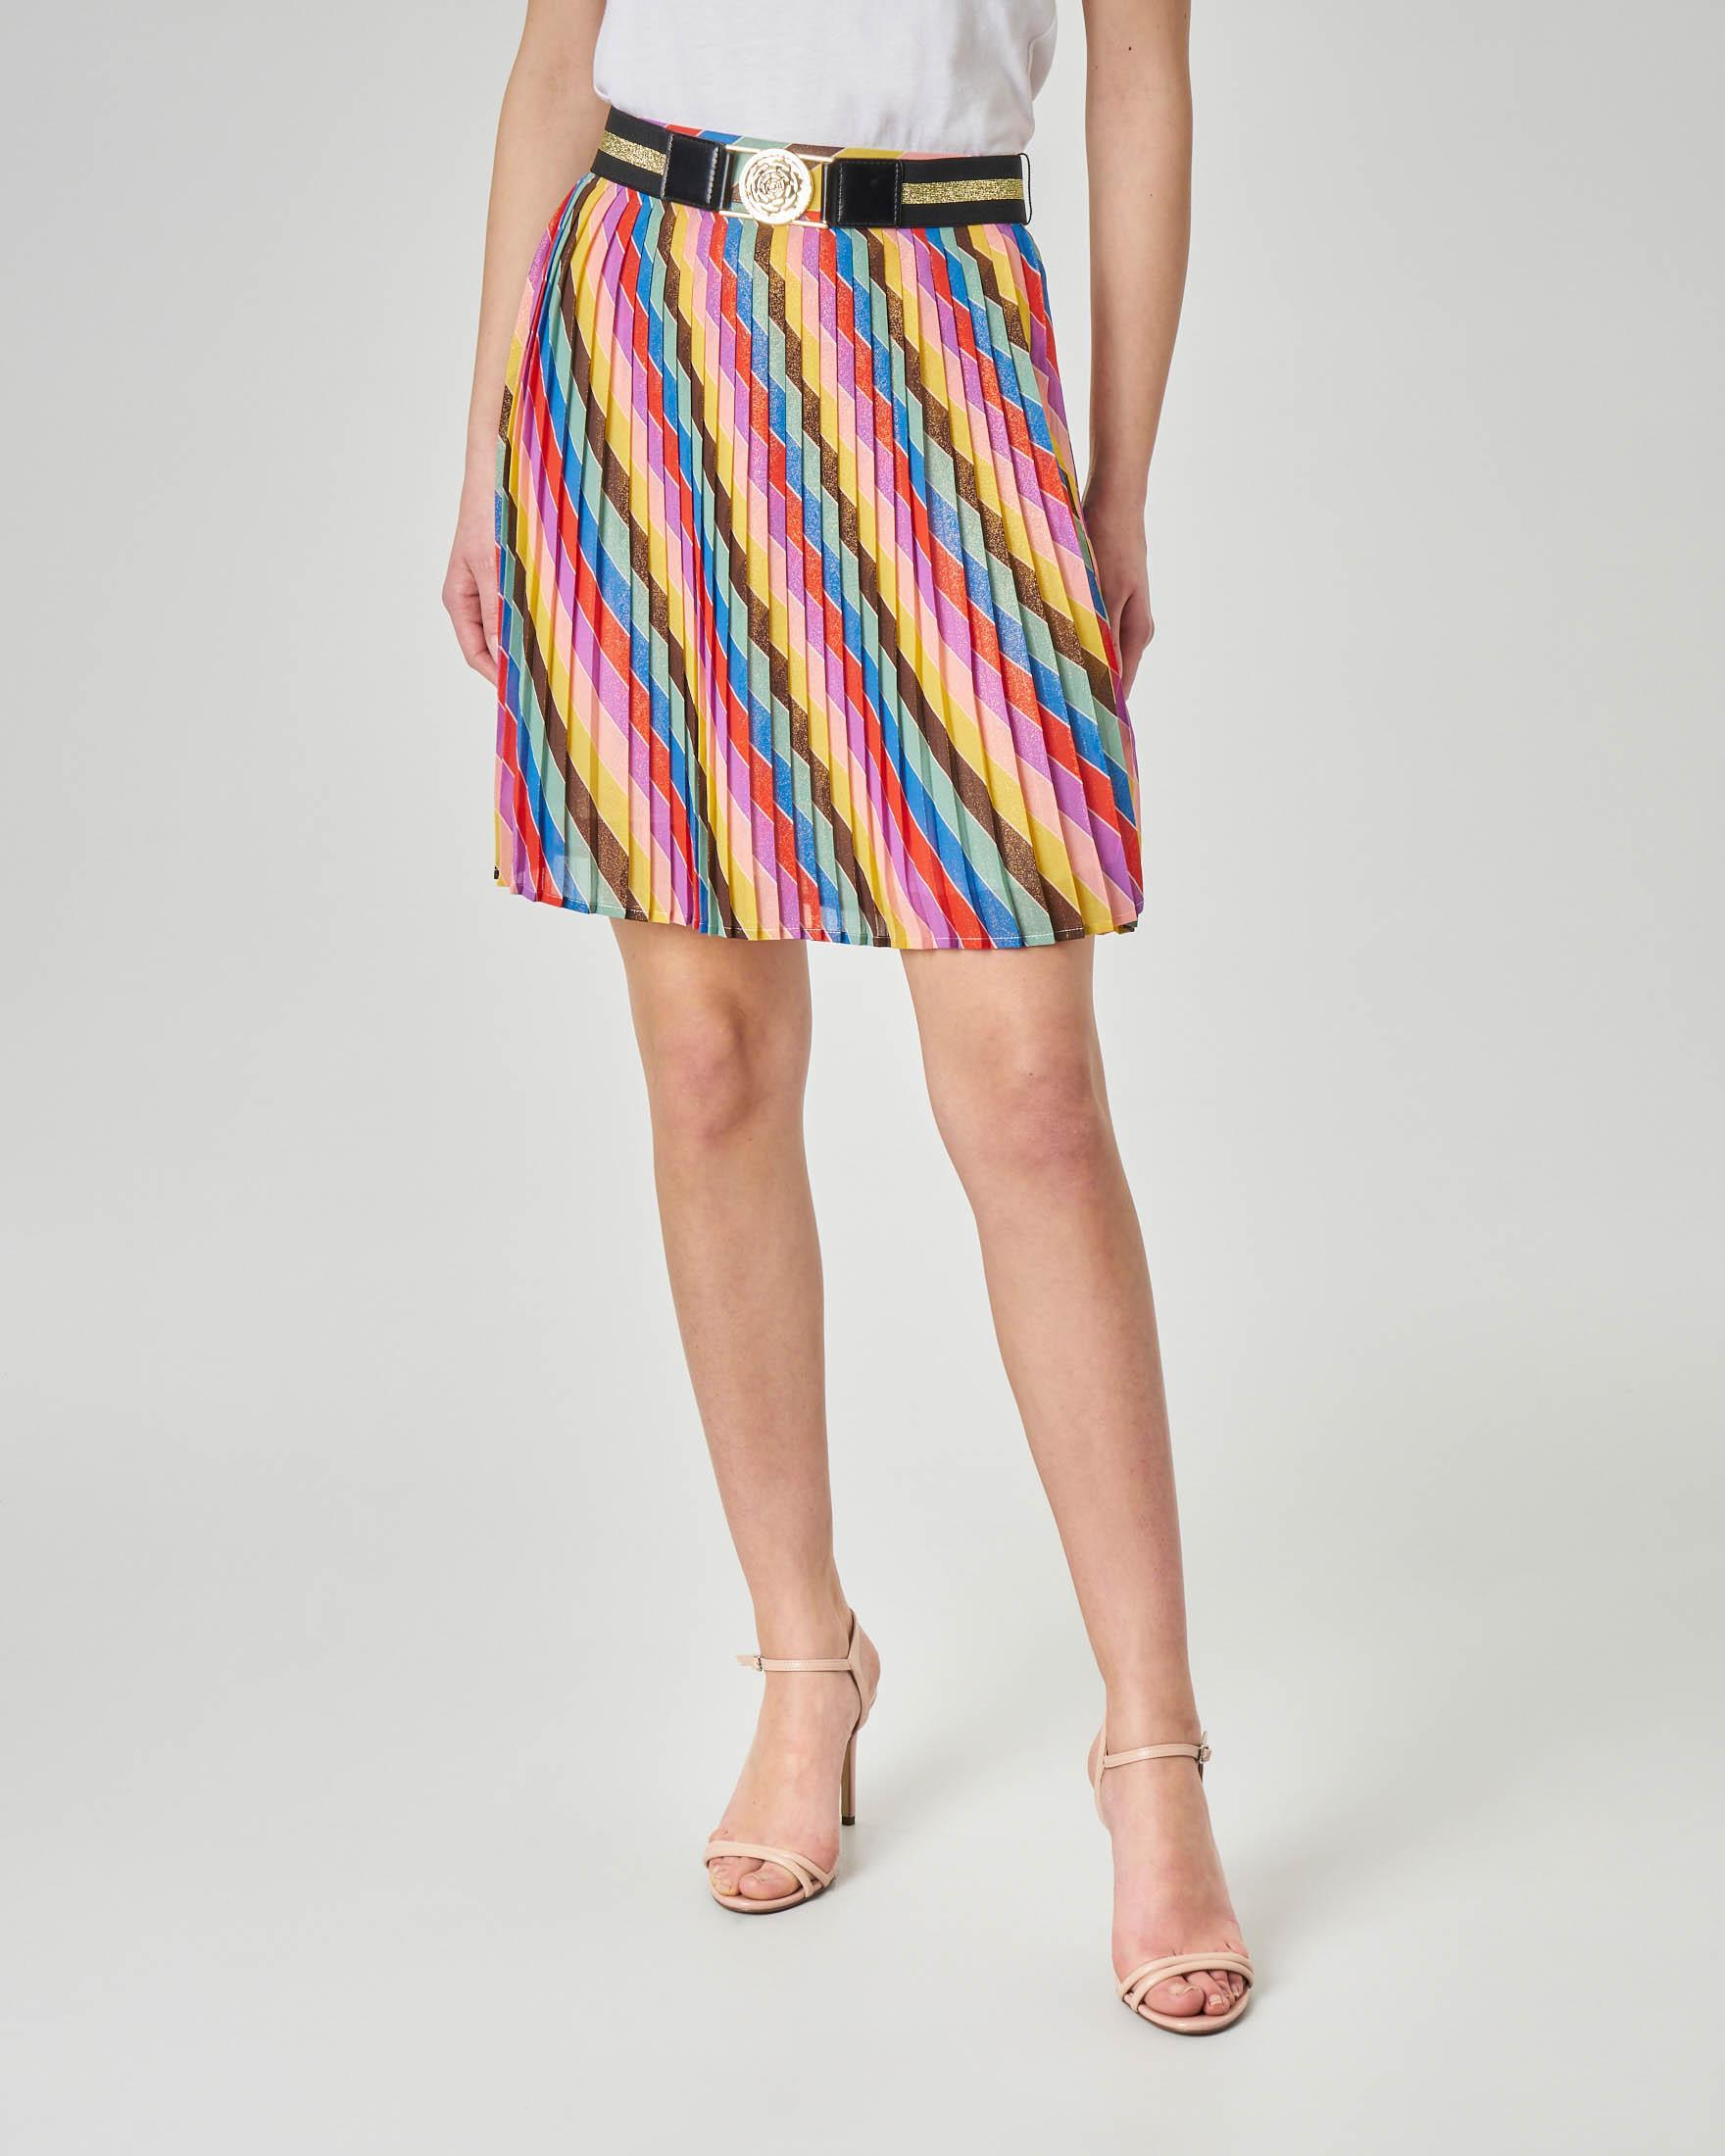 Minigonna plissè multicolor in lurex con cintura con fibia oro